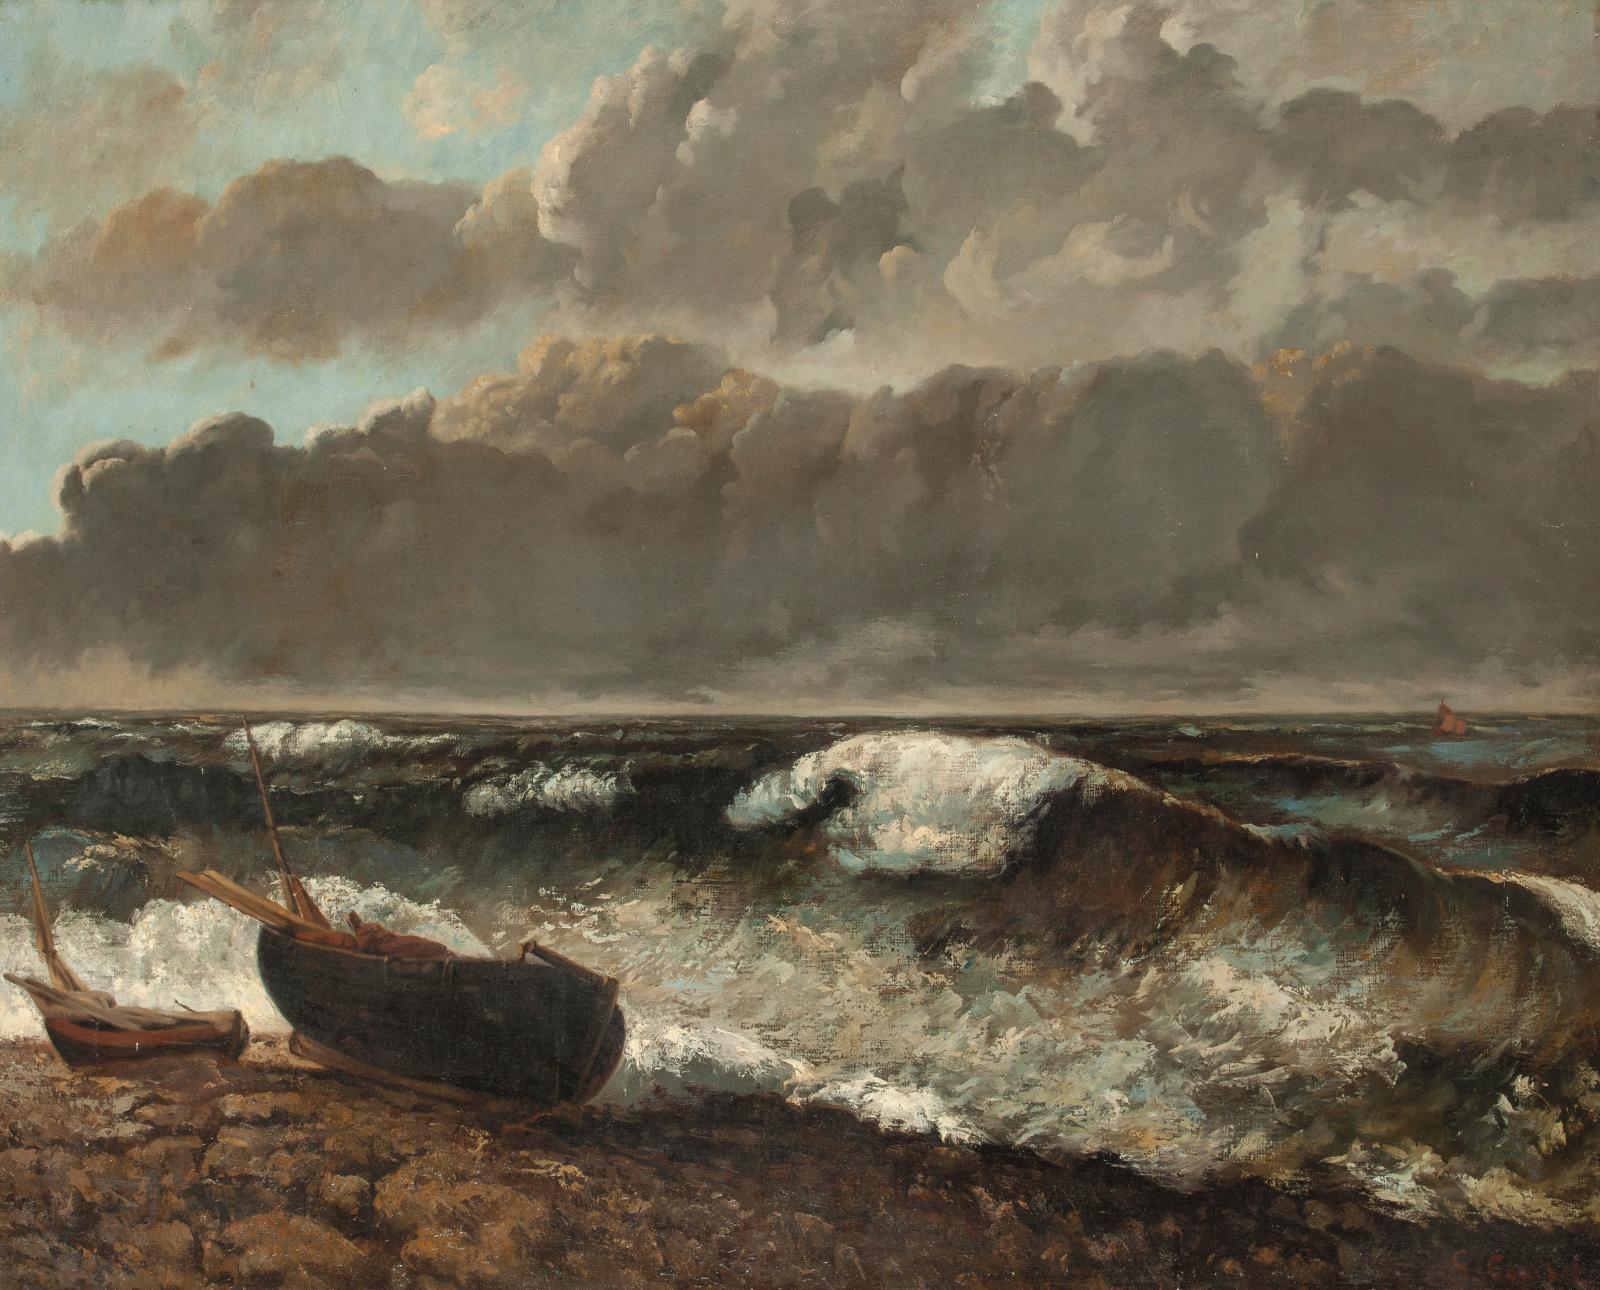 École française vers 1880, d'après Gustave Courbet, La Vague, huile sur toile, 80x100cm. Paris, Drouot, 30 octobre 2020. Gros & Delettr